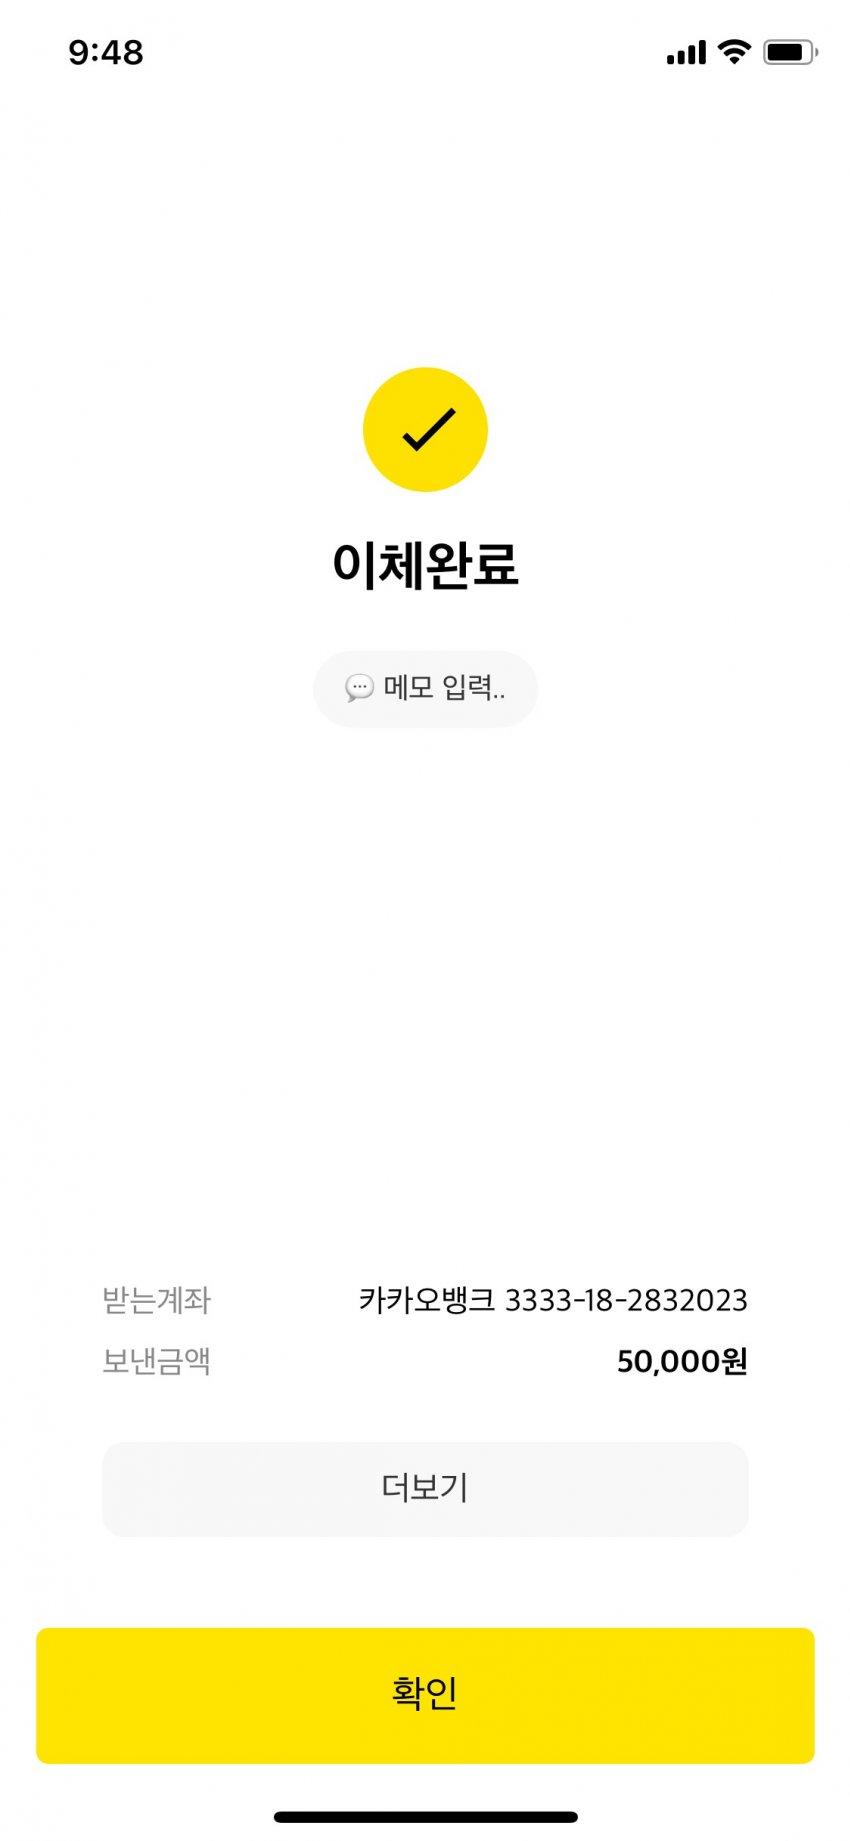 viewimage.php?id=26b4dd28e4df3faf62&no=24b0d769e1d32ca73cec81fa11d02831ce3cef1b9542c00ceb084620f9a28236d9659d7a02eee86cf7fefc1e96748244df92c1acb120b87effbee1e0c50c3a9127bf40830a236a0f82e225374e230279ac69b8c2f0657ca0bbc5fe42f60e8c0e5147b3cce41e8bca5e